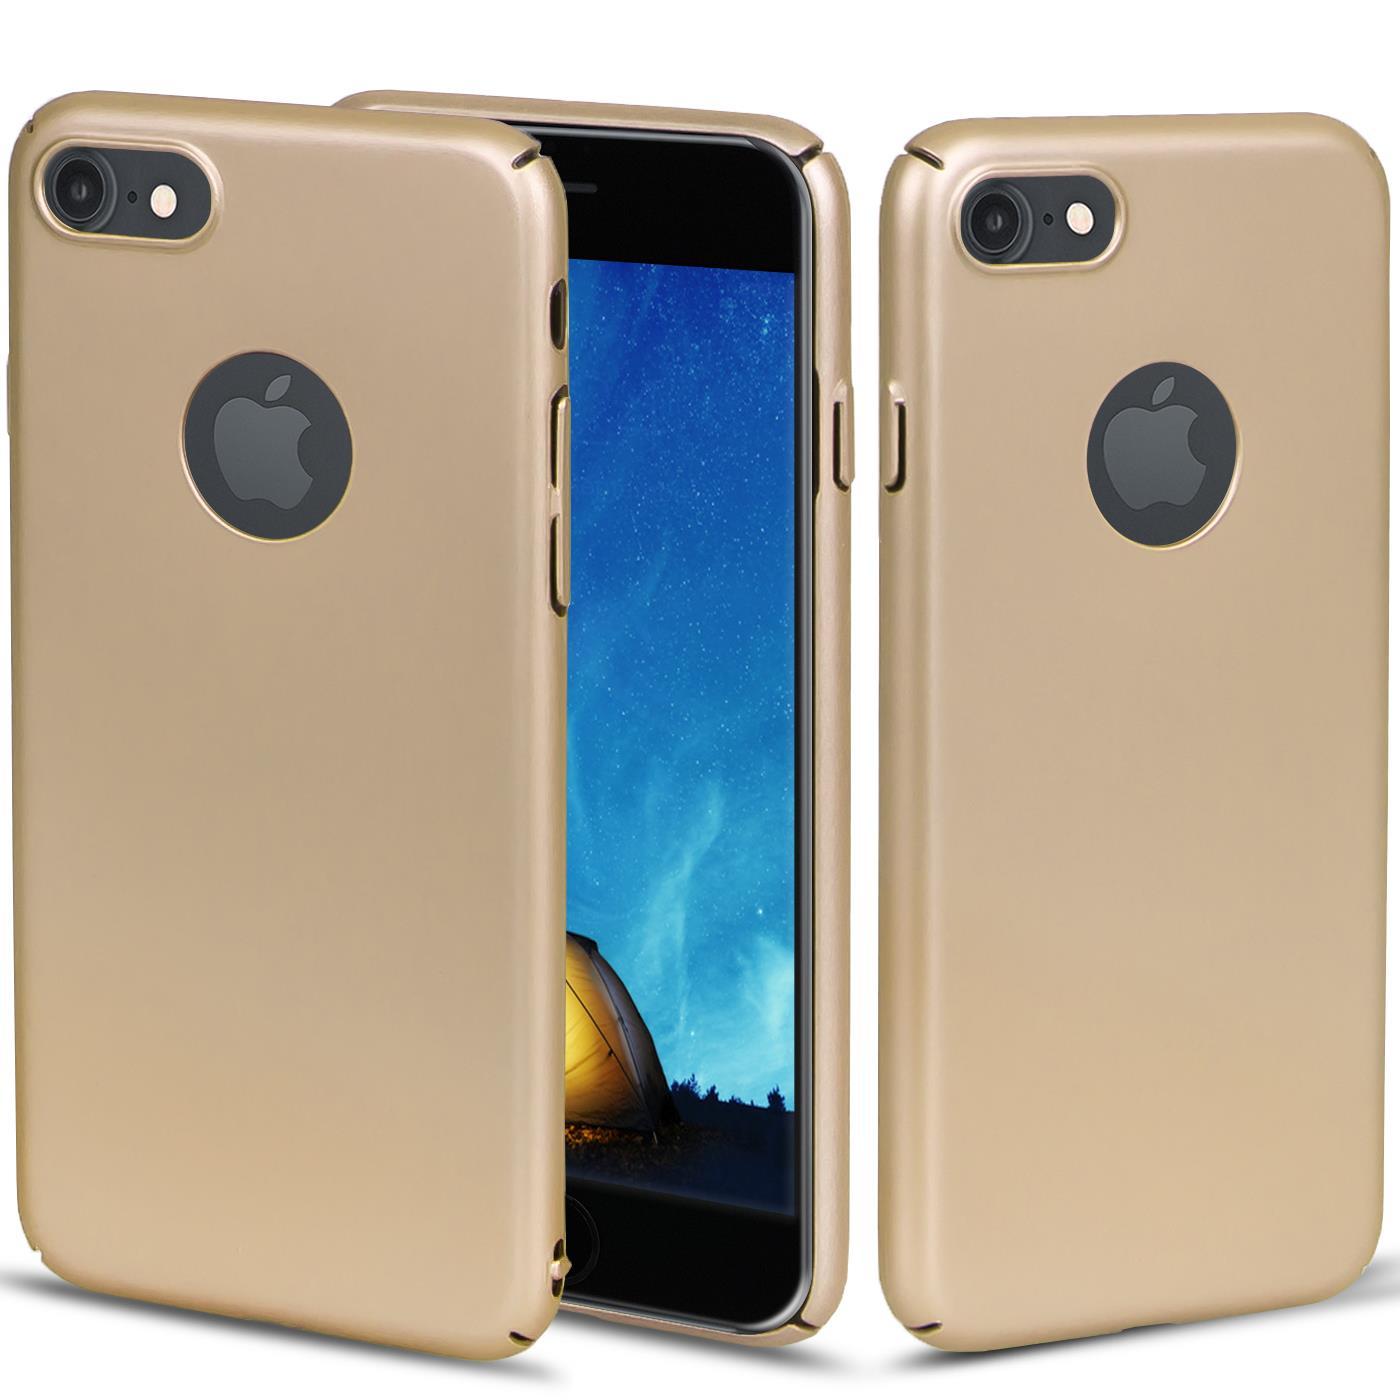 Slim-Cover-Schutzhuelle-Apple-iPhone-Handy-Schutz-Tasche-Huelle-Glas-Panzer-Folie Indexbild 25